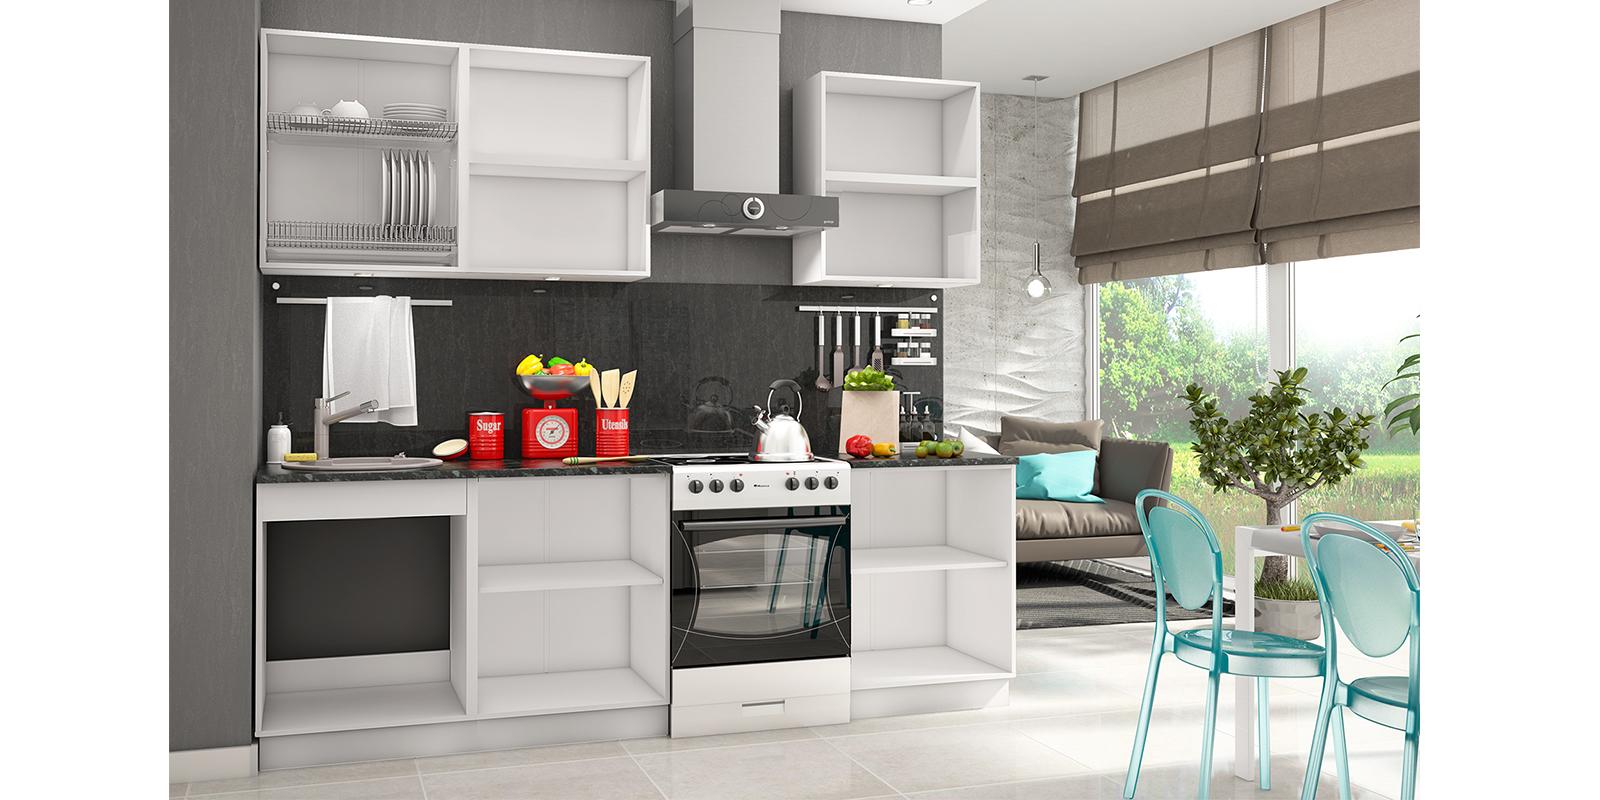 Кухонный гарнитур Чикаго 240 см (белый/азалия/антрацит) от HomeMe.ru